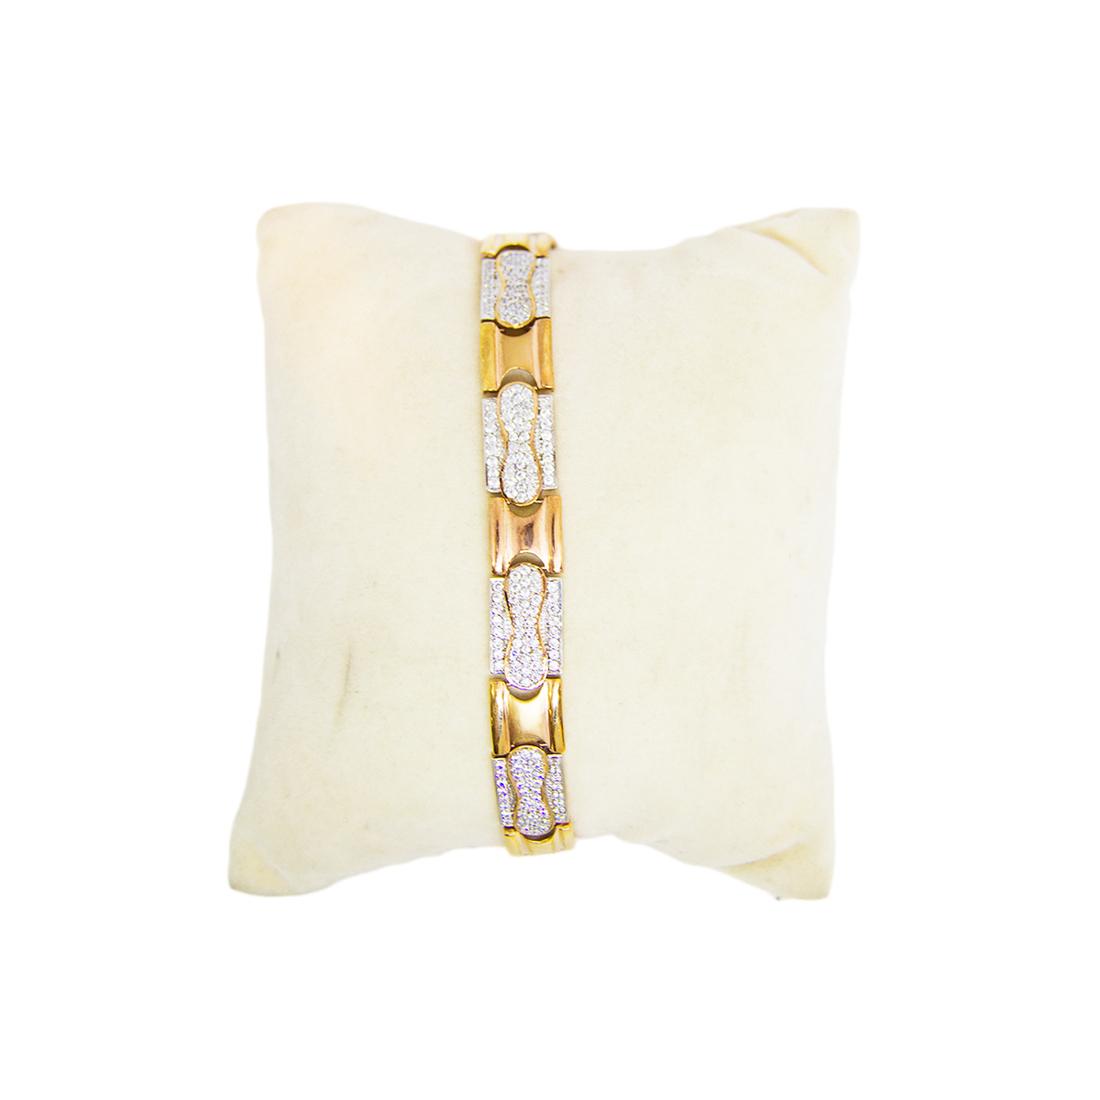 Anjalee Jewellers 18K Gold Bracelet studded with CZ Diamonds 18CLK/20